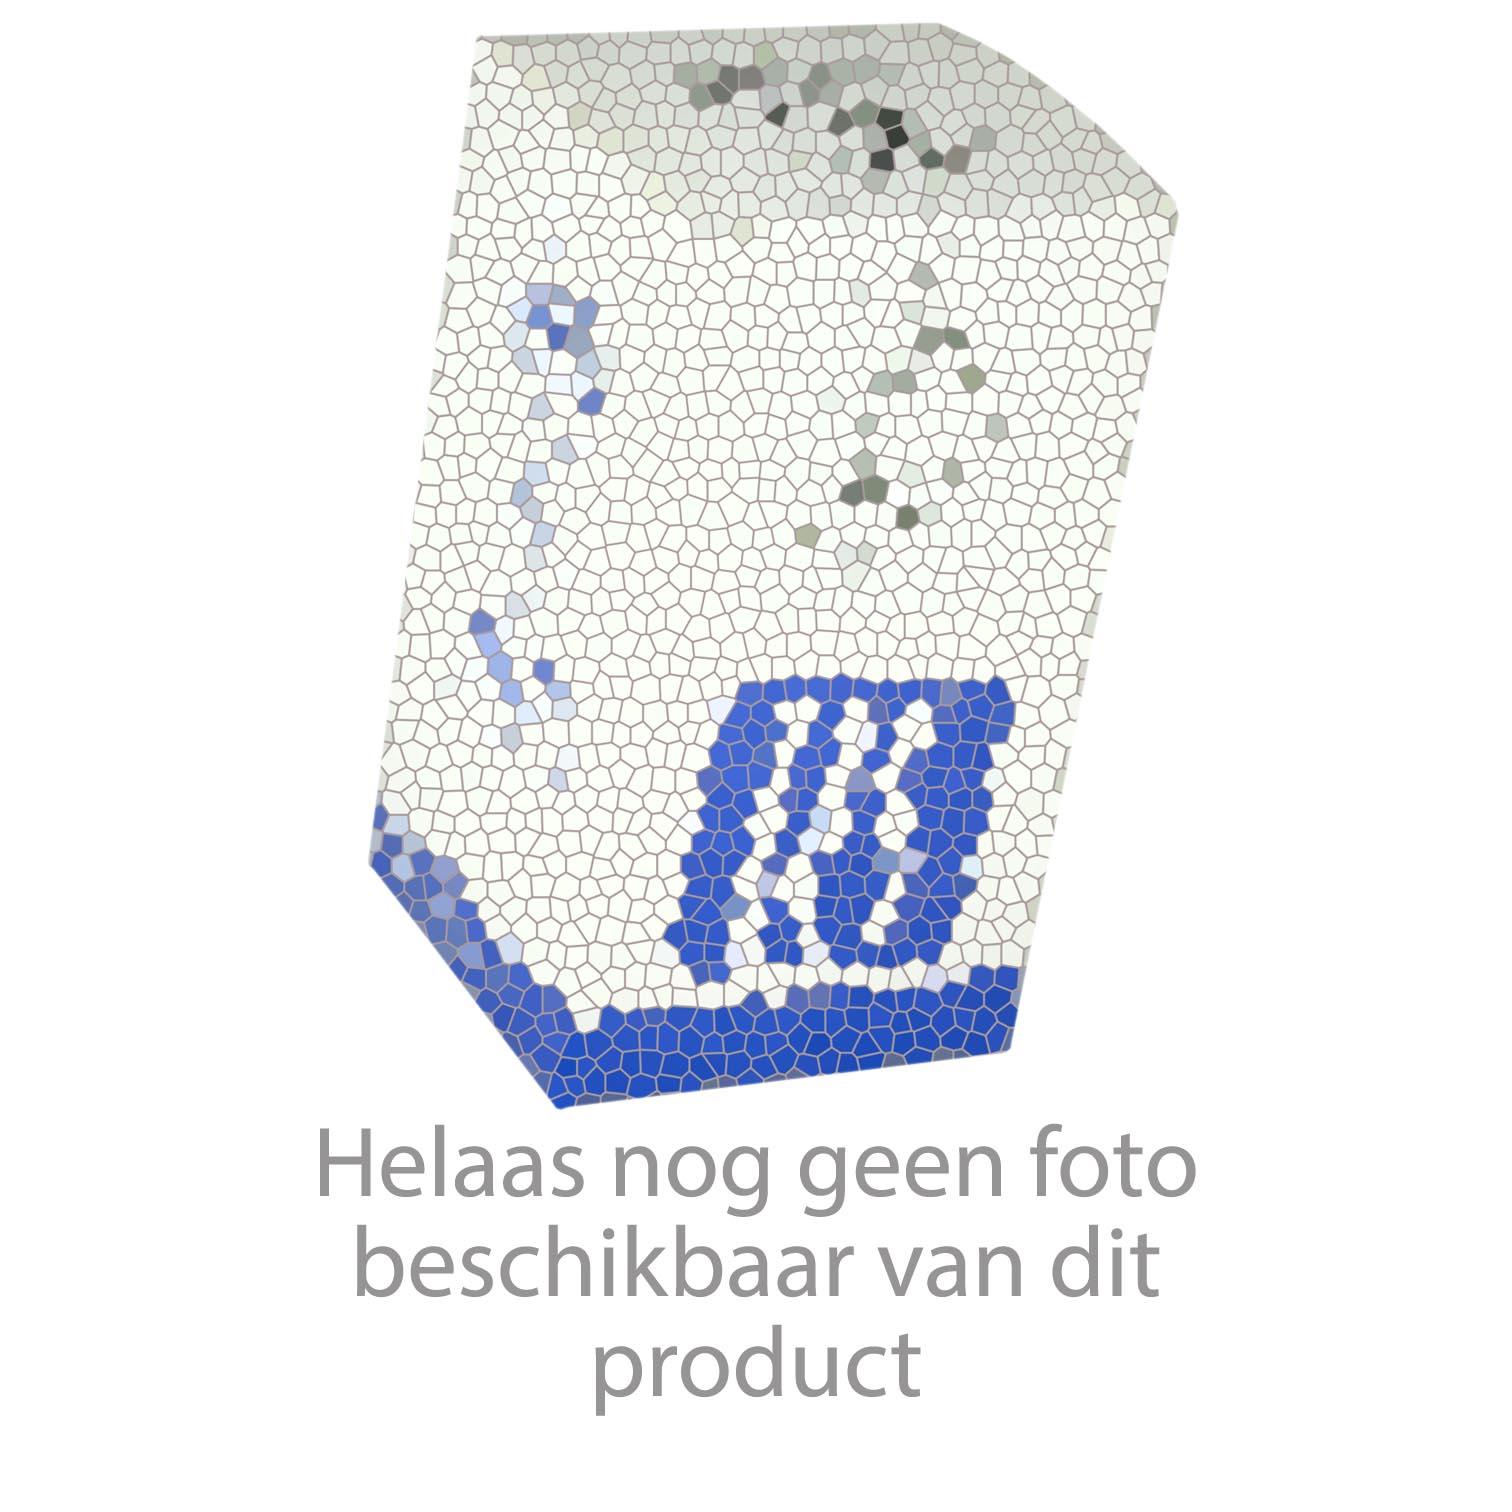 HansGrohe Keukenmengkranen Allegra Starck productiejaar > 04/01 10800 onderdelen